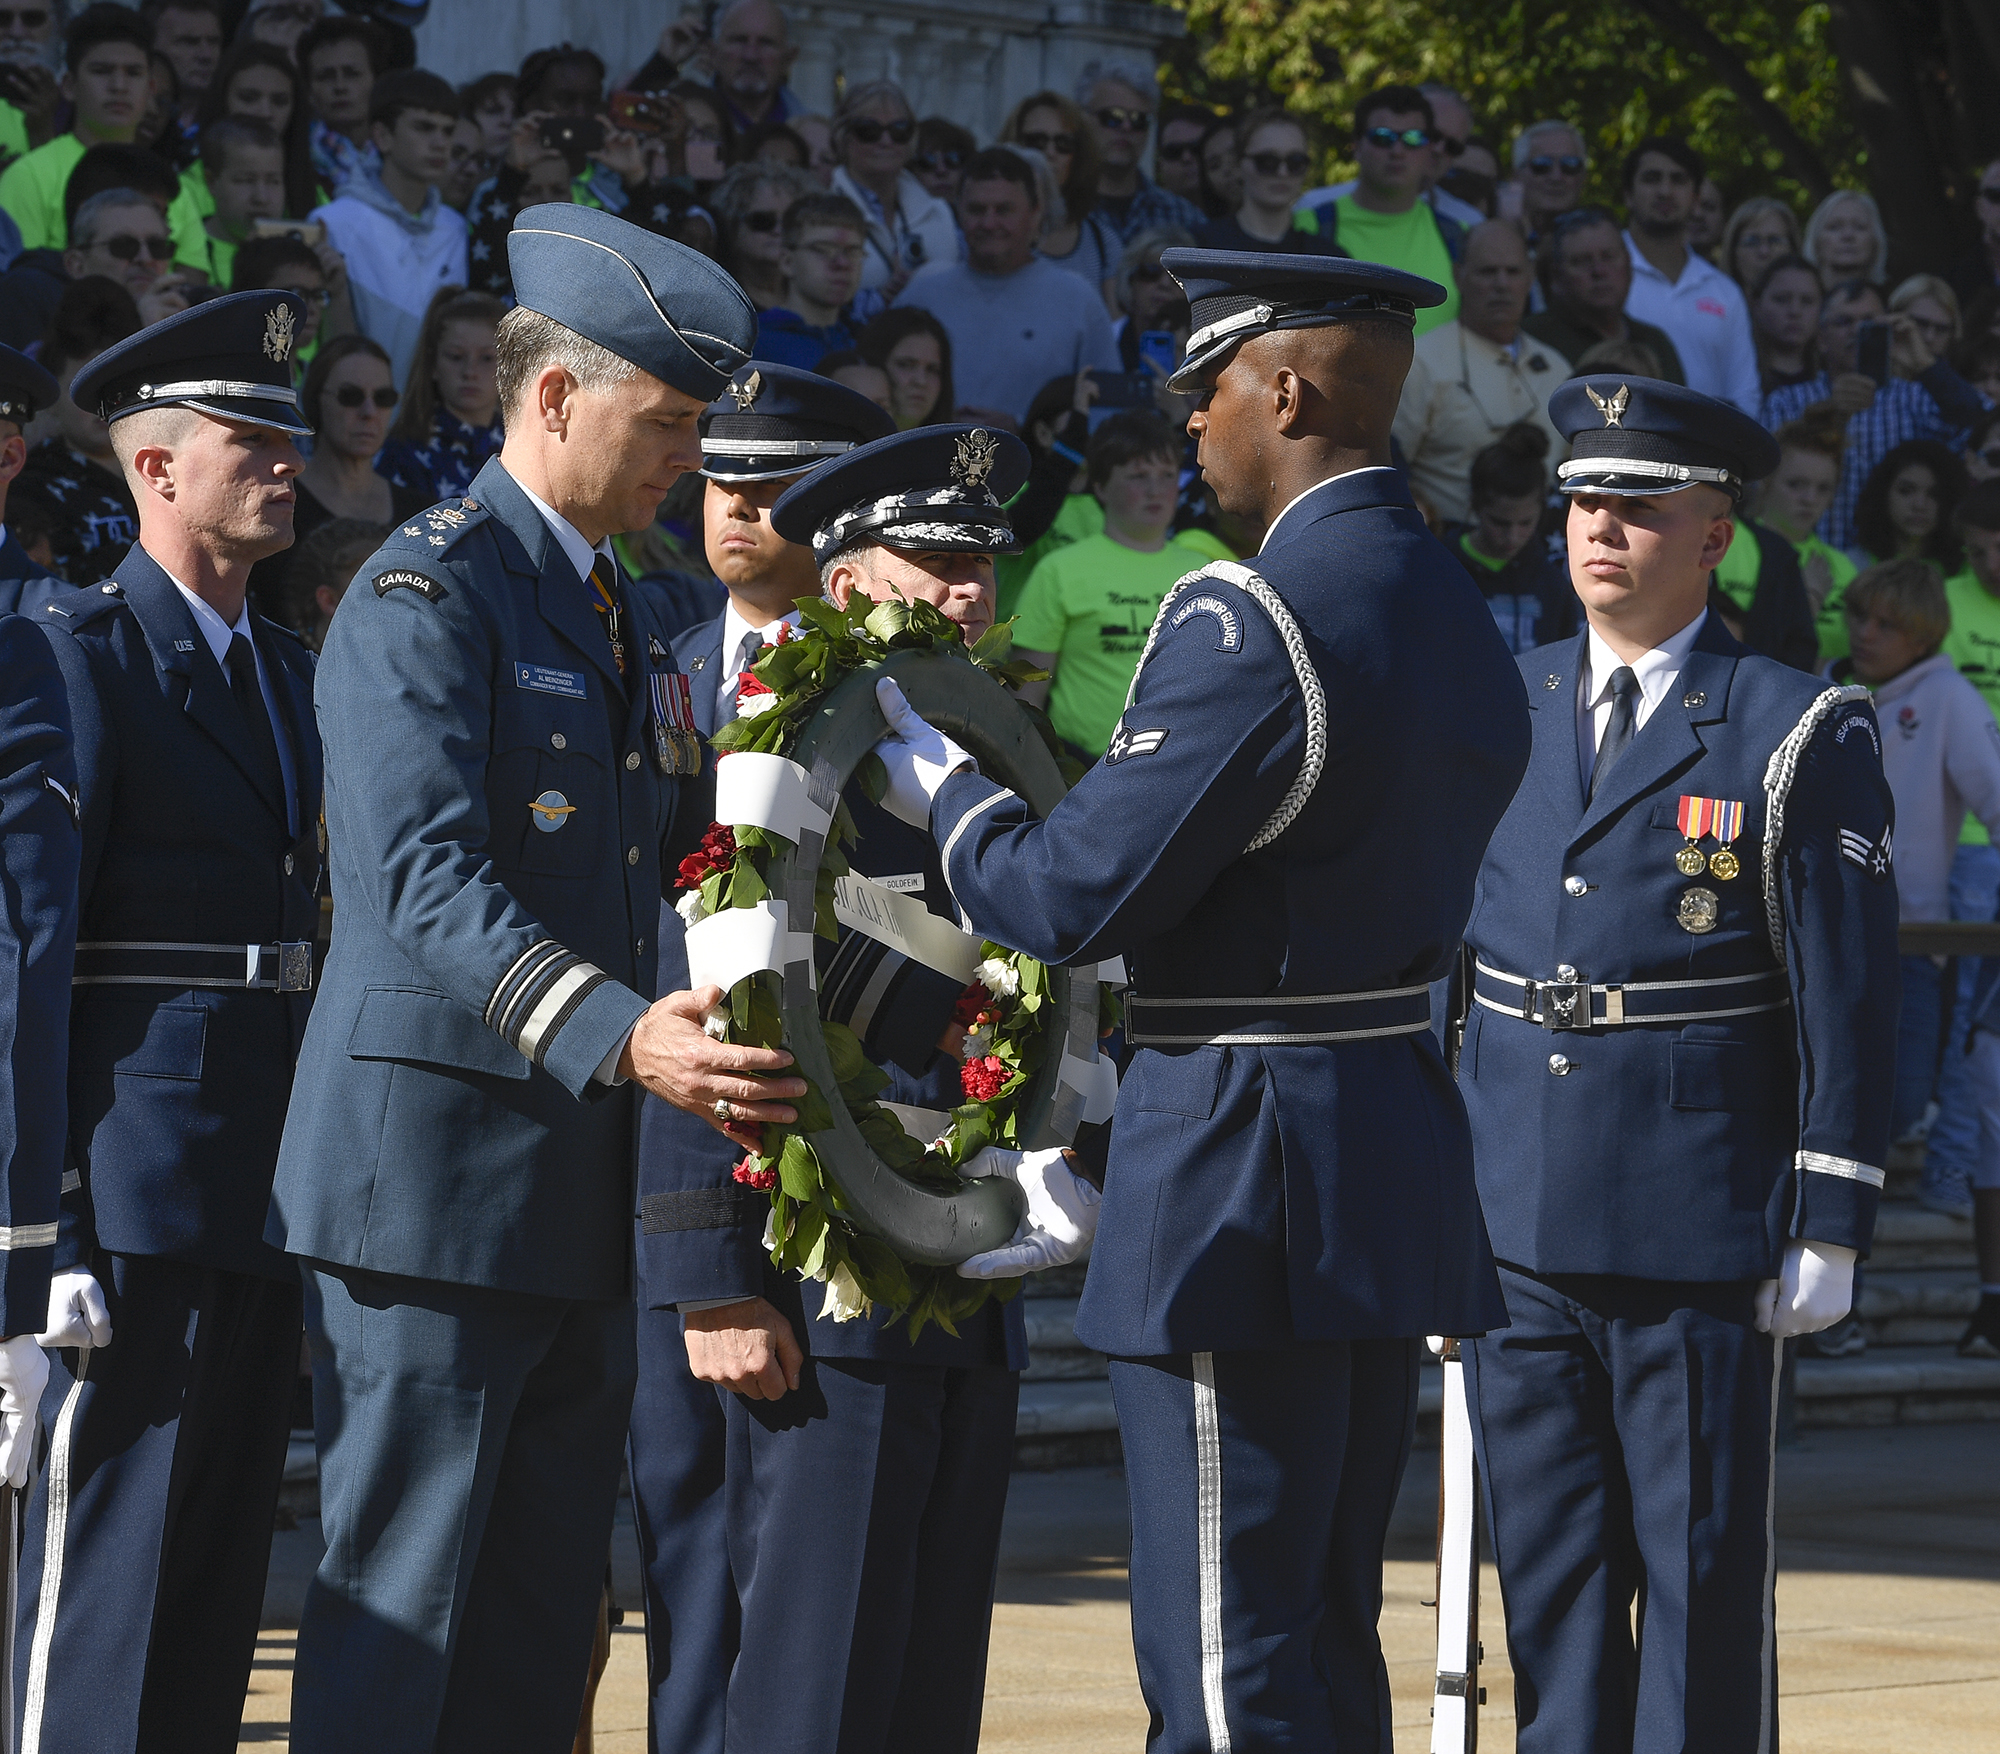 USAF Honor Guard, Band shine at wreath-laying